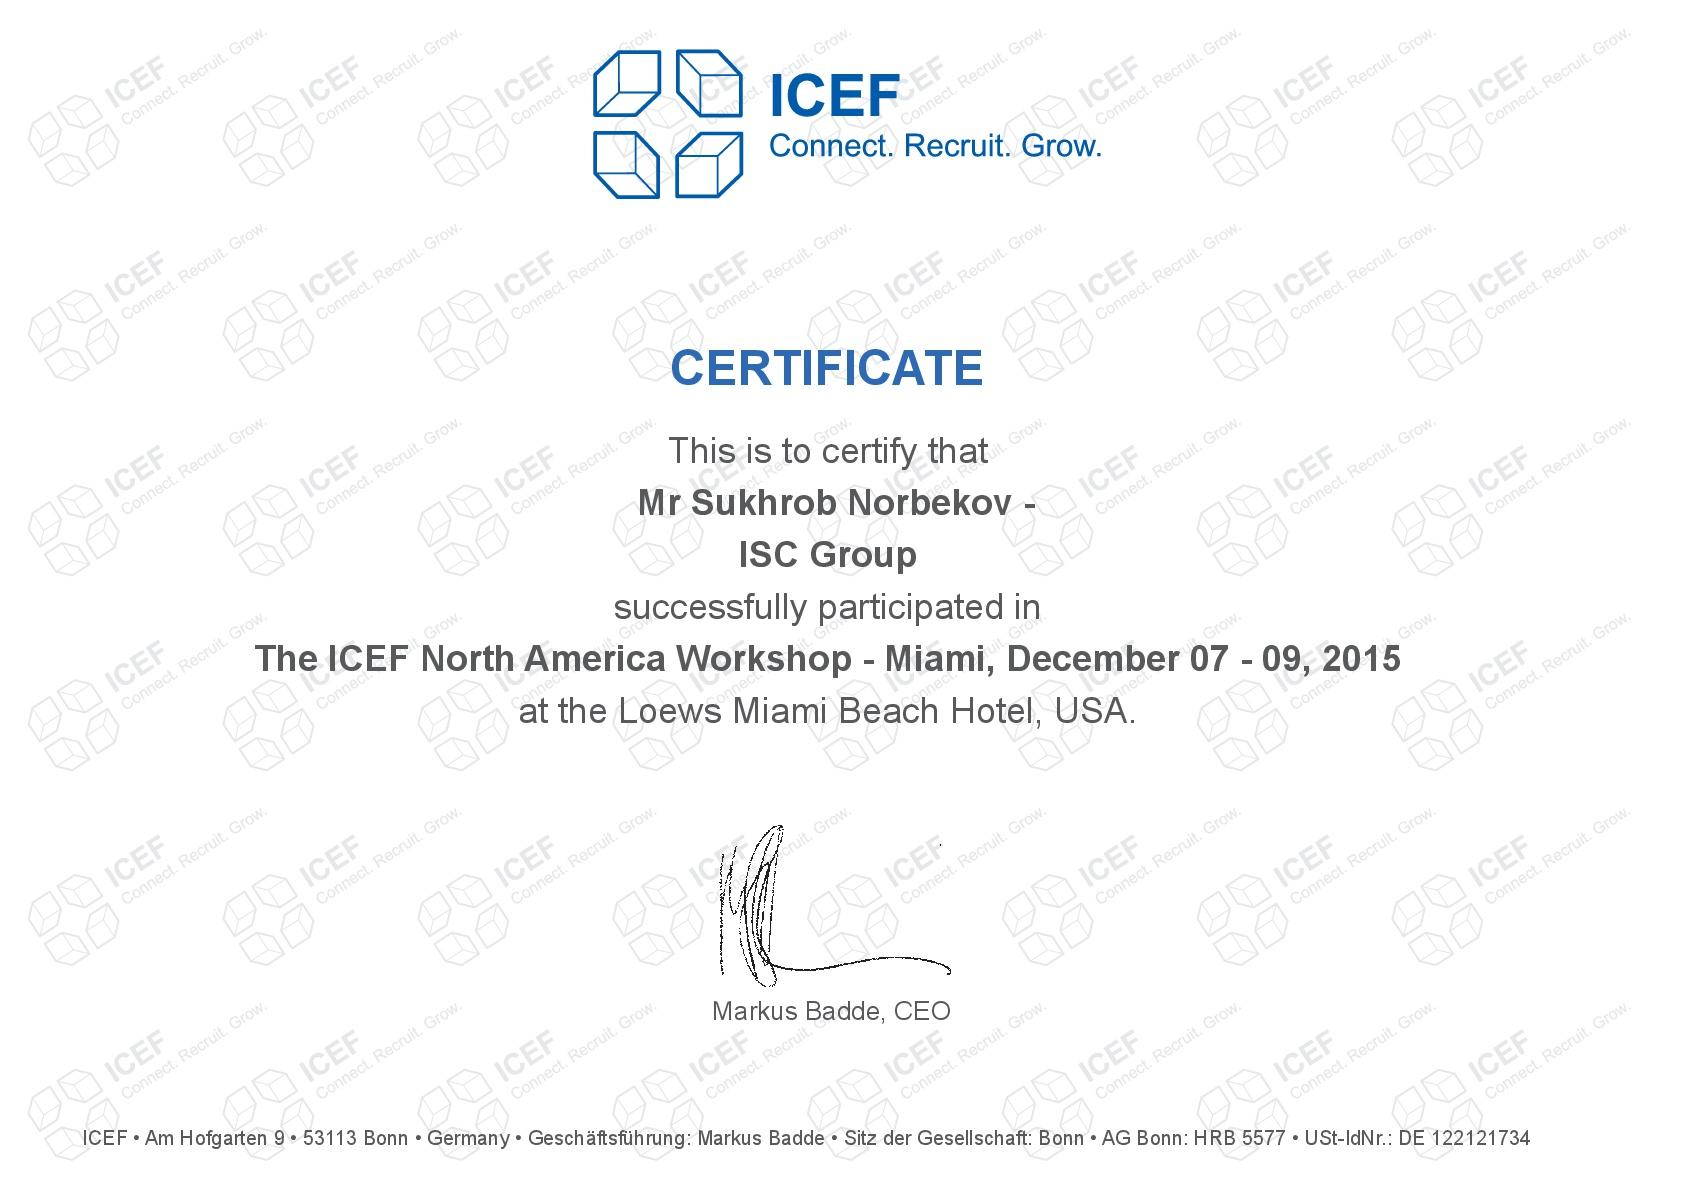 Сертификат, полученный в Майами, США, 2015